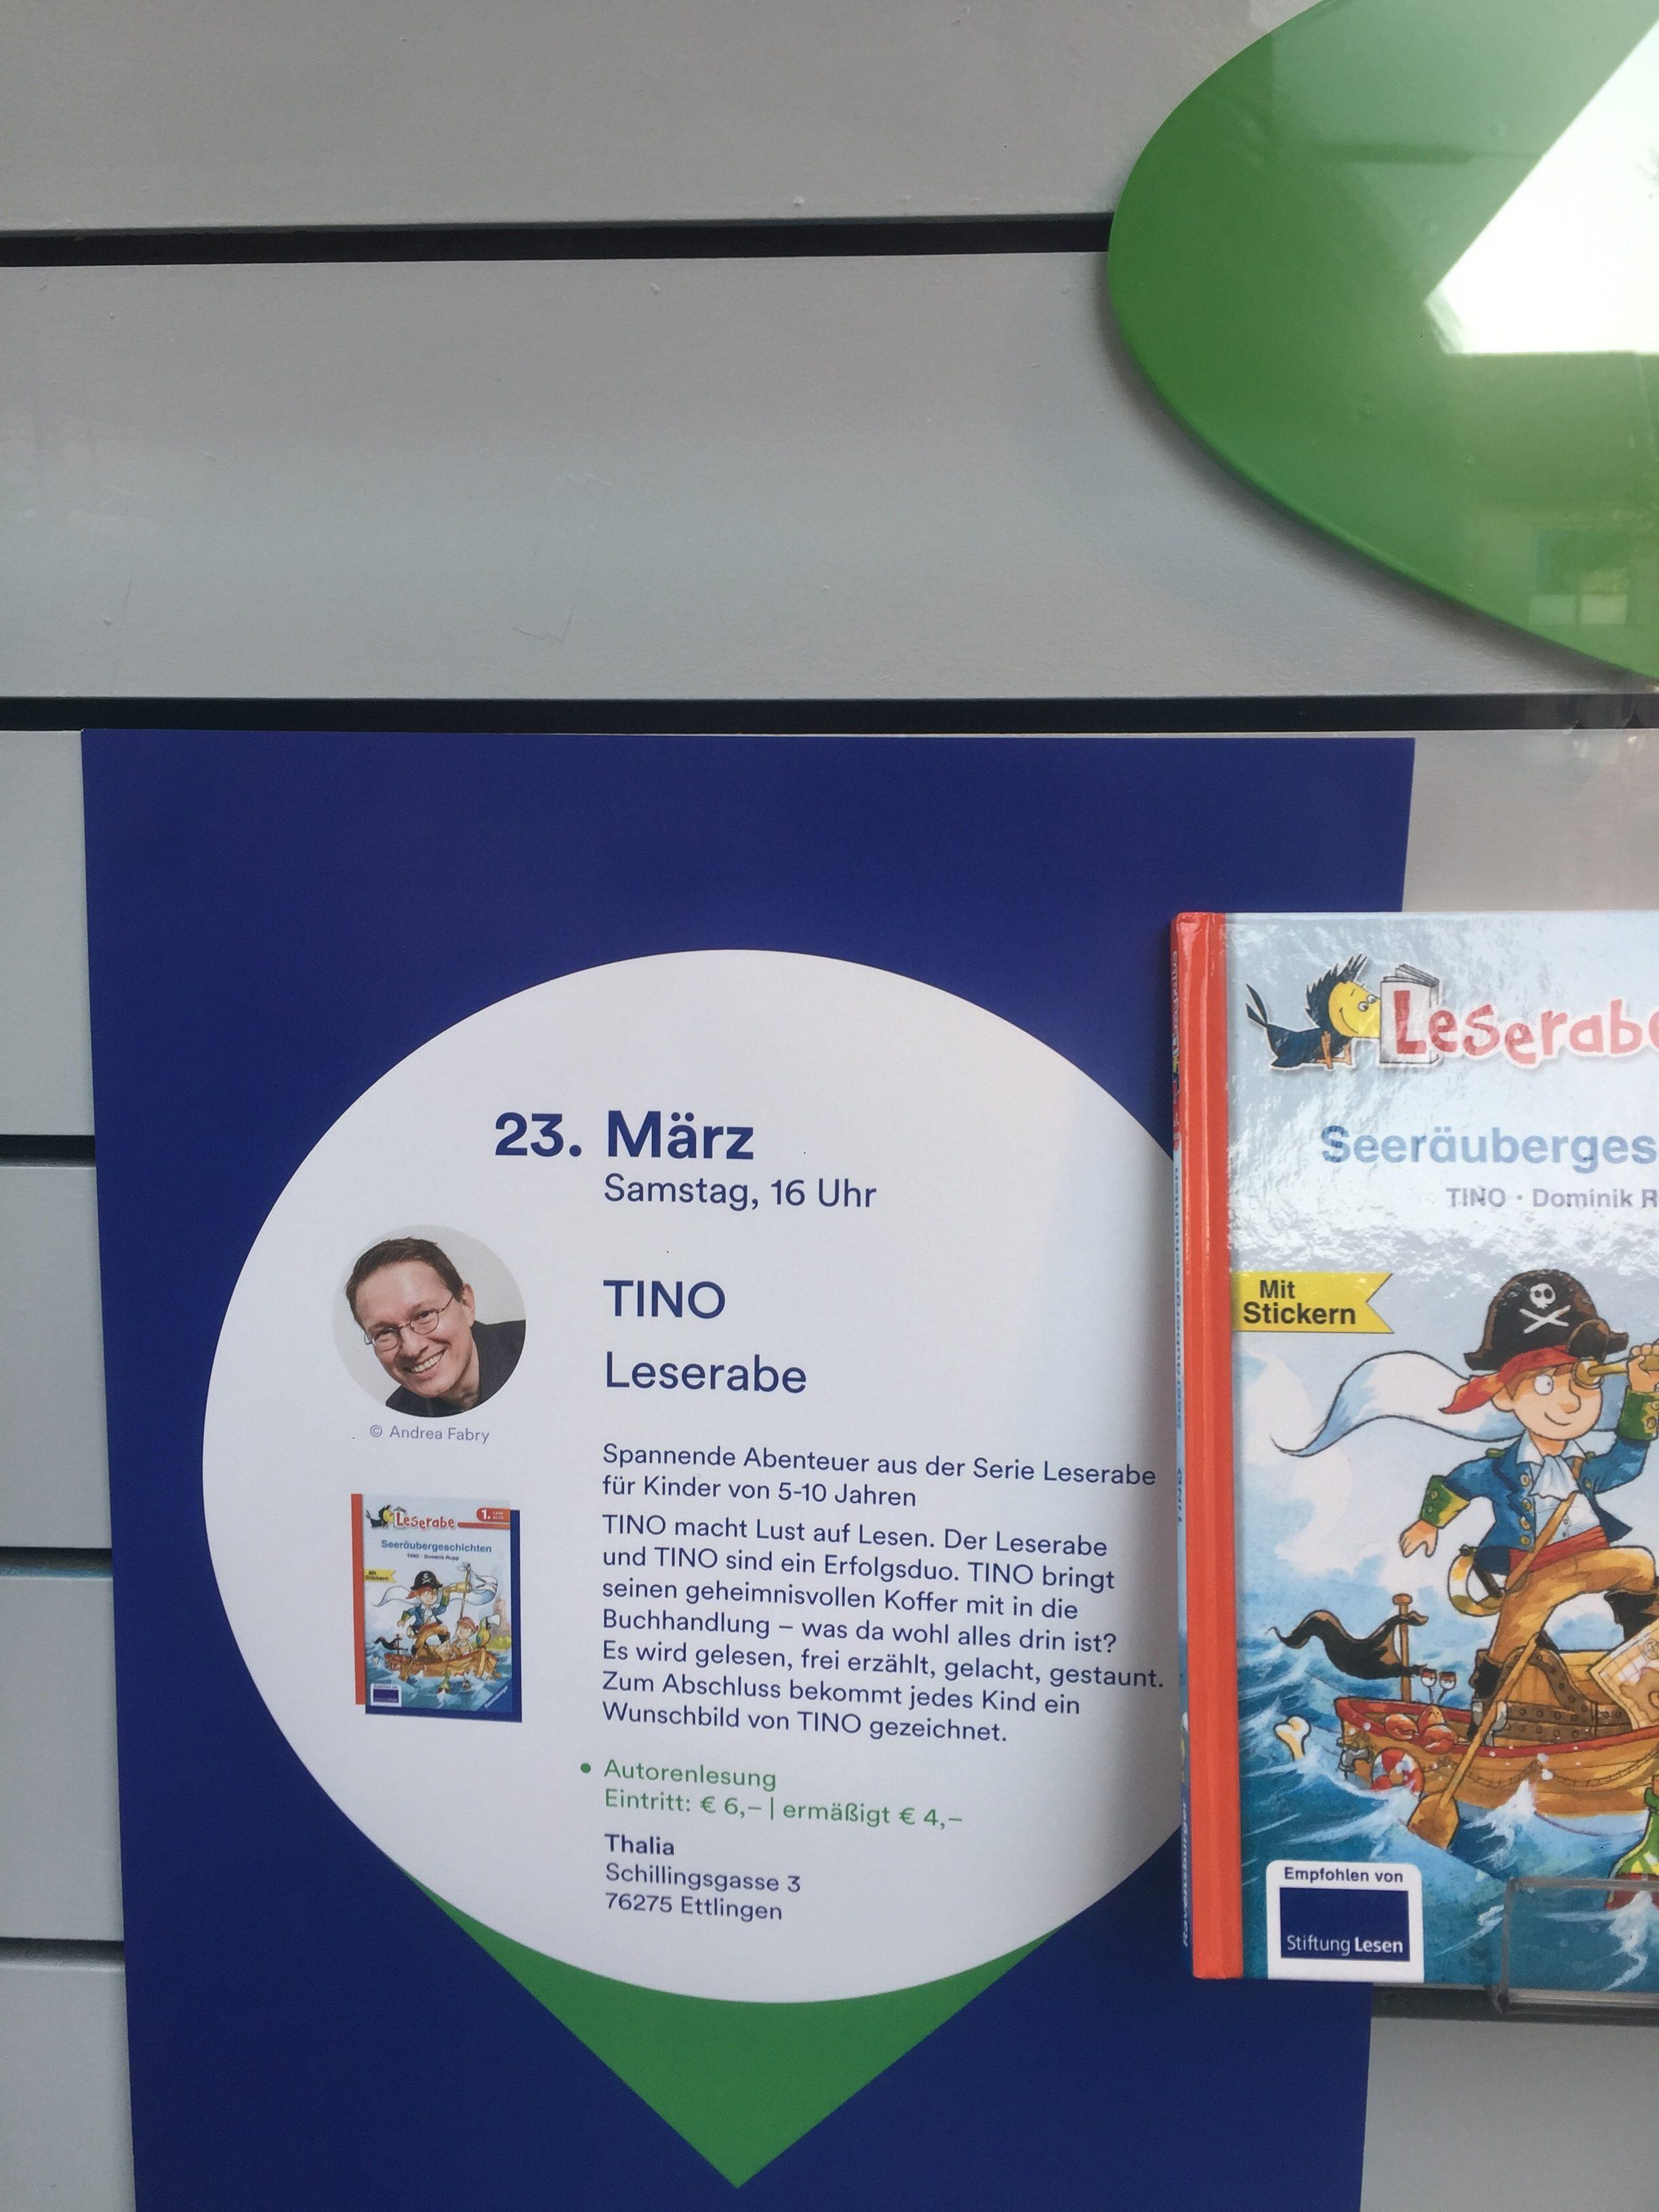 Einladung zur öffentlichen Leseraben-Veranstaltung mit TINO in der Buchhandlung Thalia: